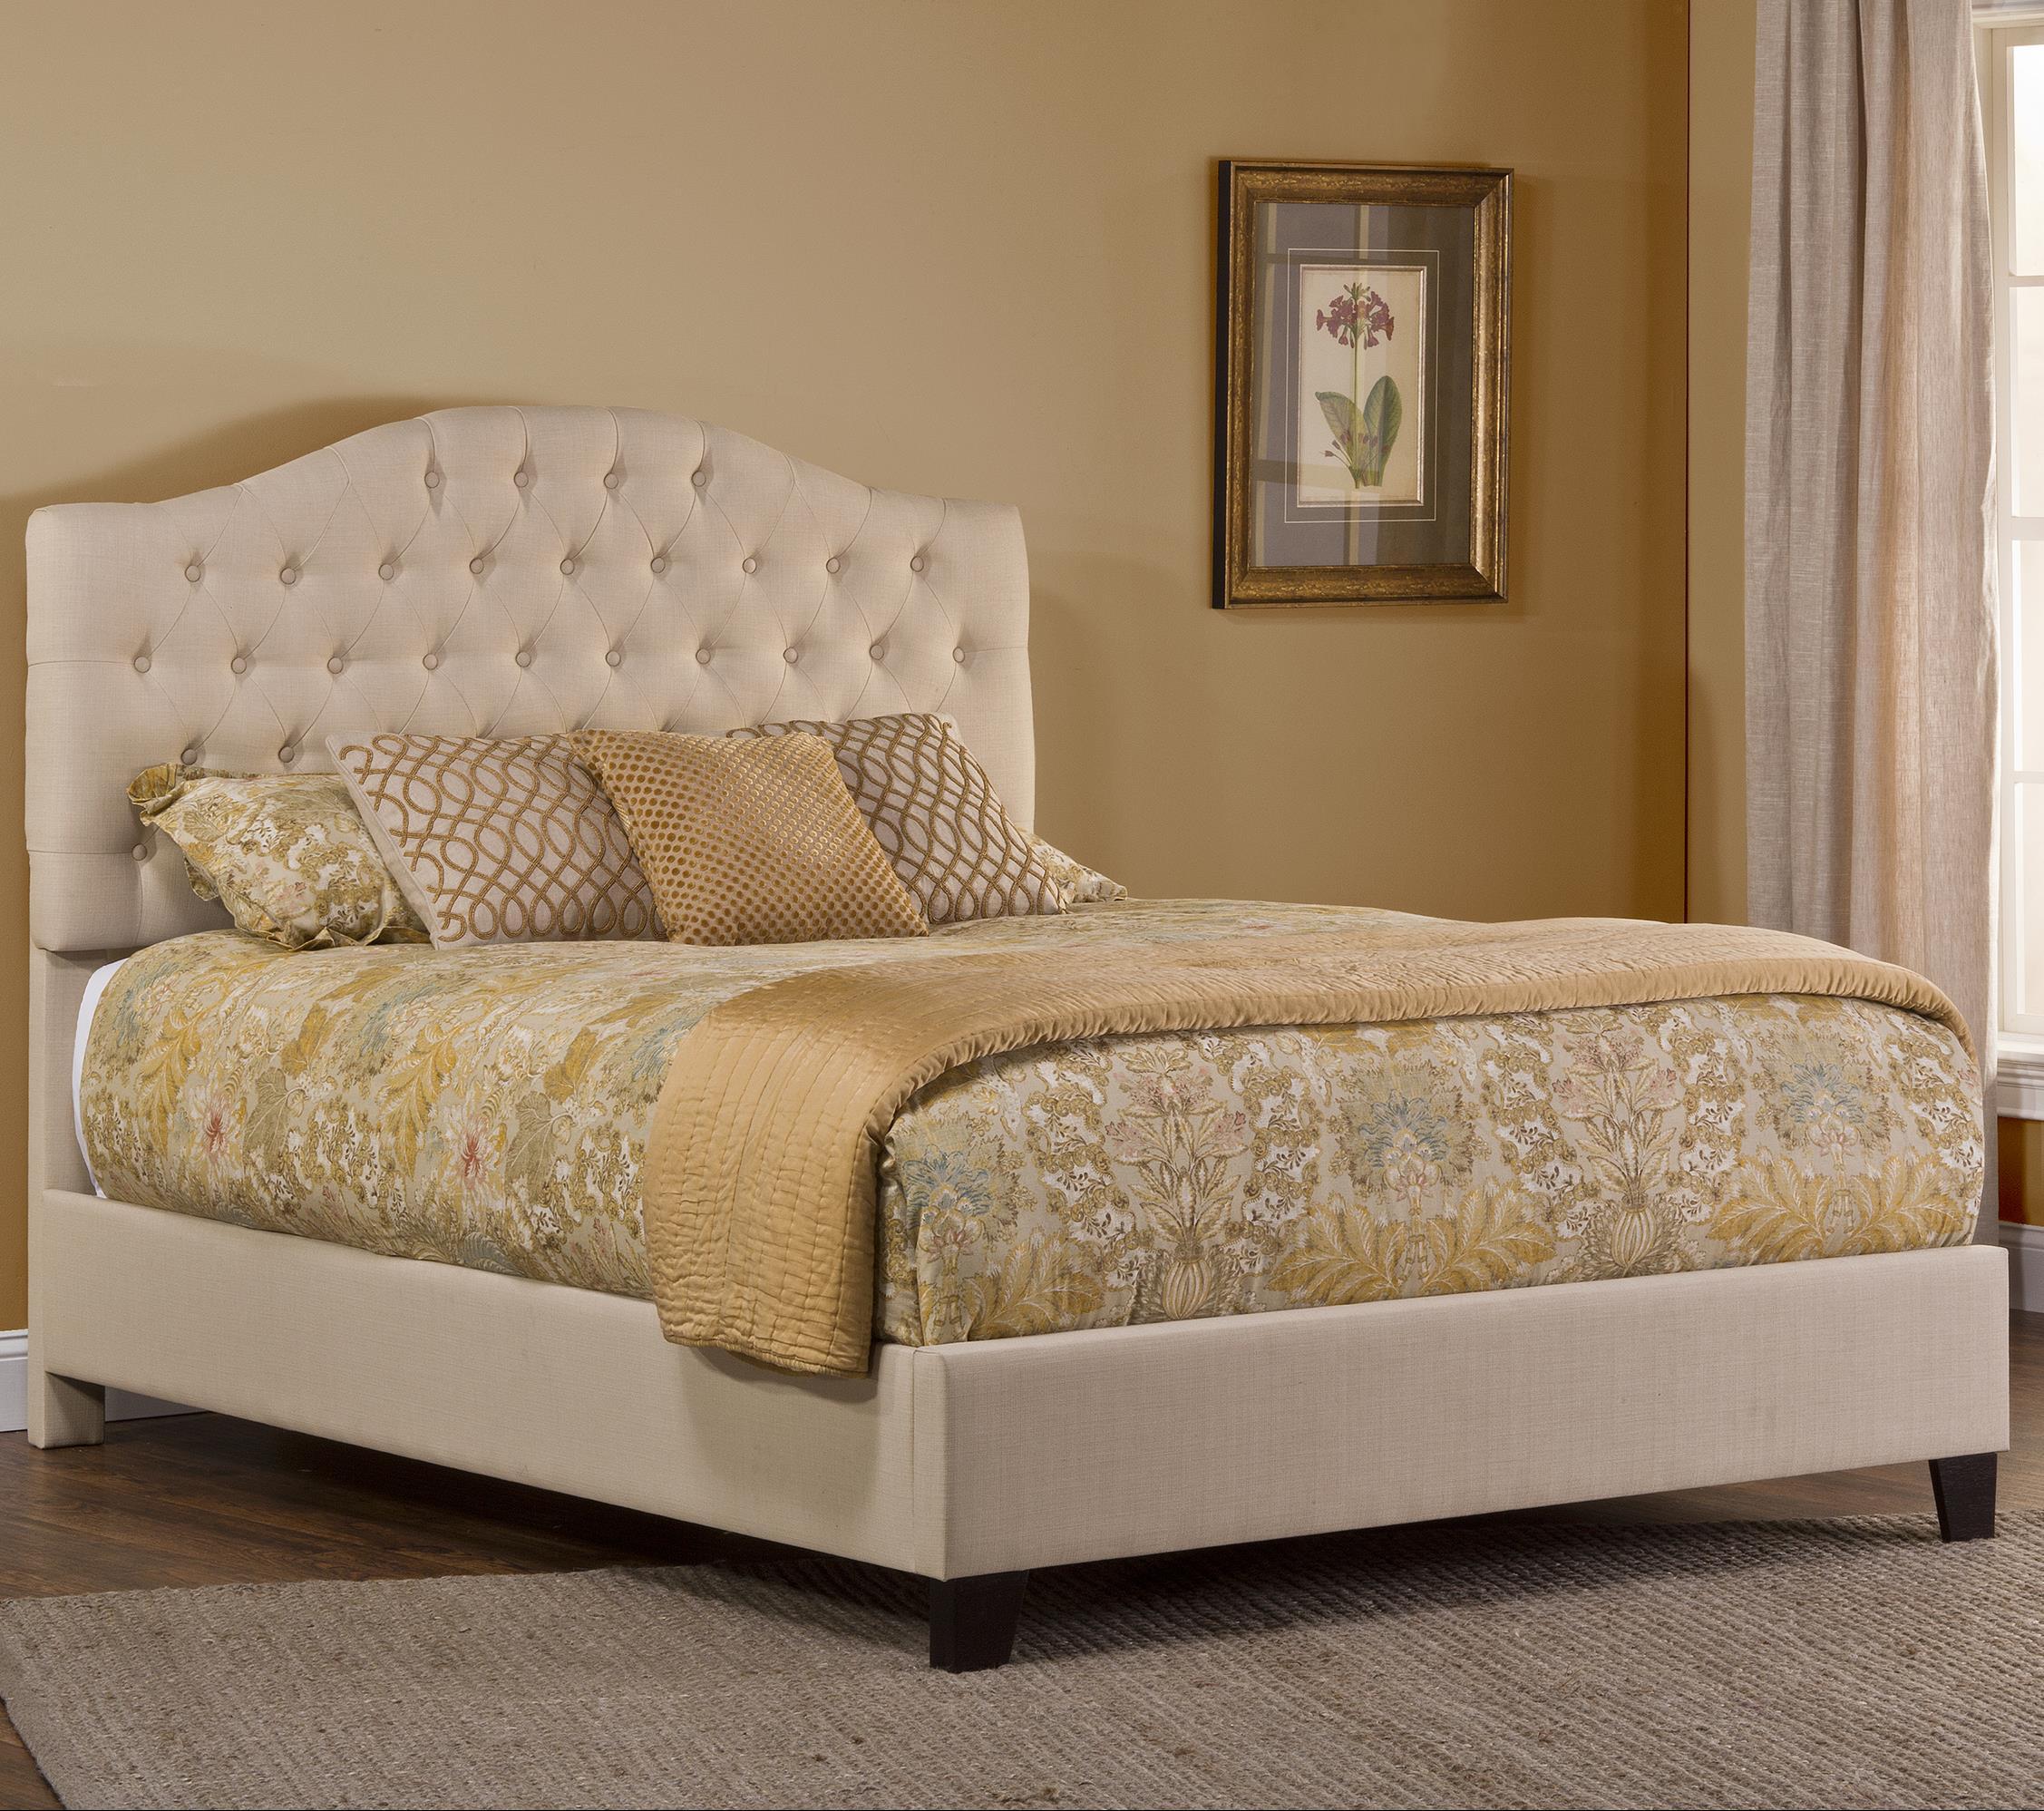 Hillsdale Jamie Upholstered Bed Set - Item Number: 1125BQR